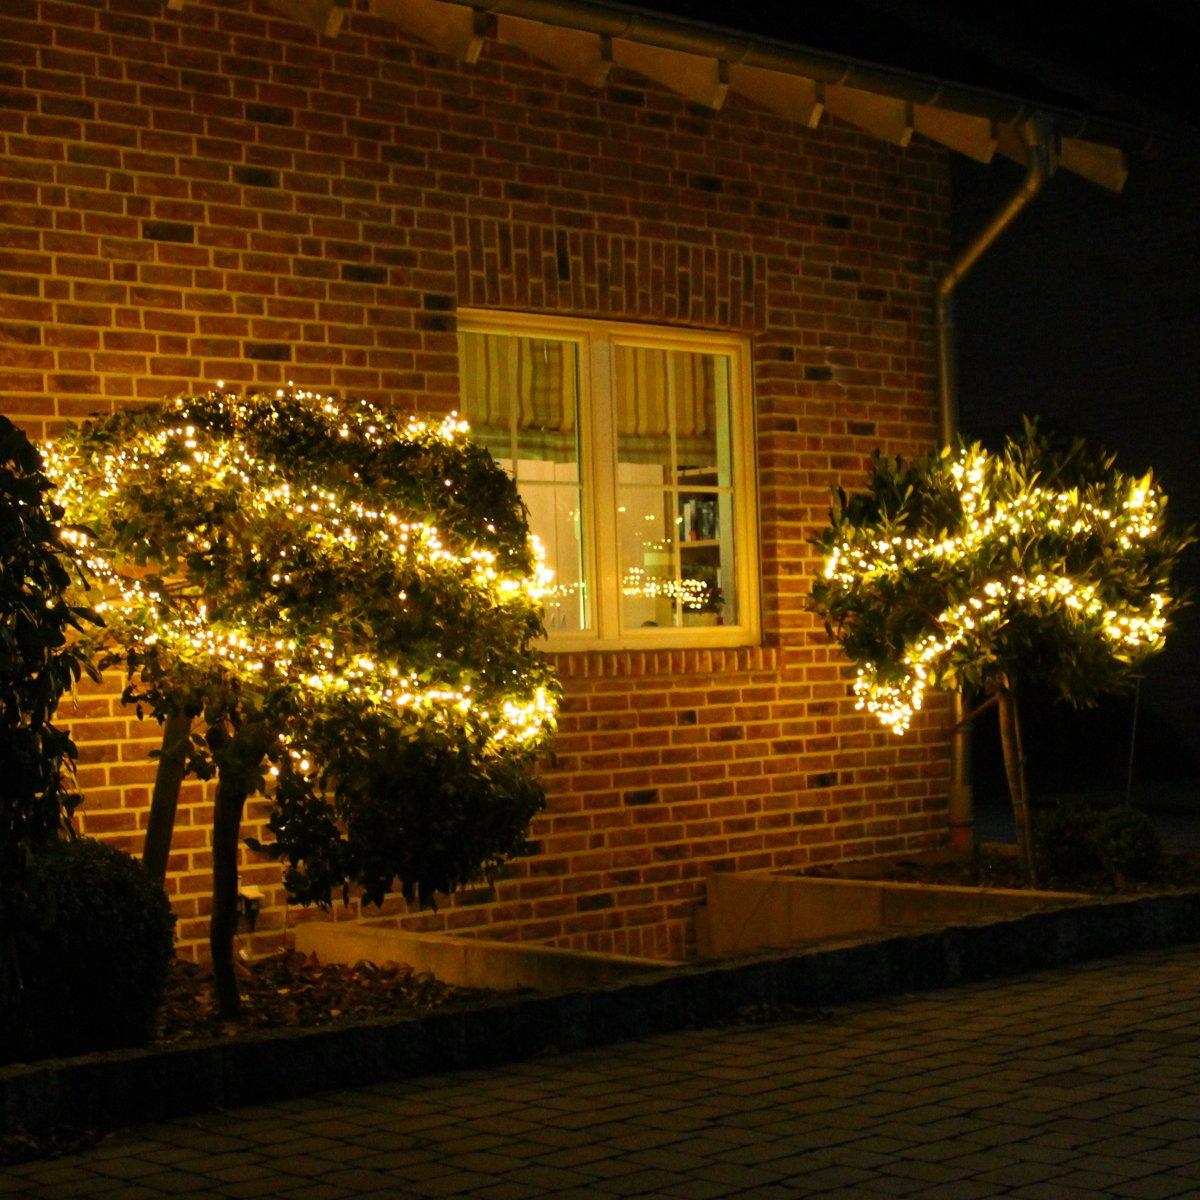 Lichterkette Warmweiß 20m für außen und innen LED Weihnachtsbeleuchtung Strom betrieben Weihnachtsdeko Tannenbaum 1000 LED Dszapaci® AX8-510240